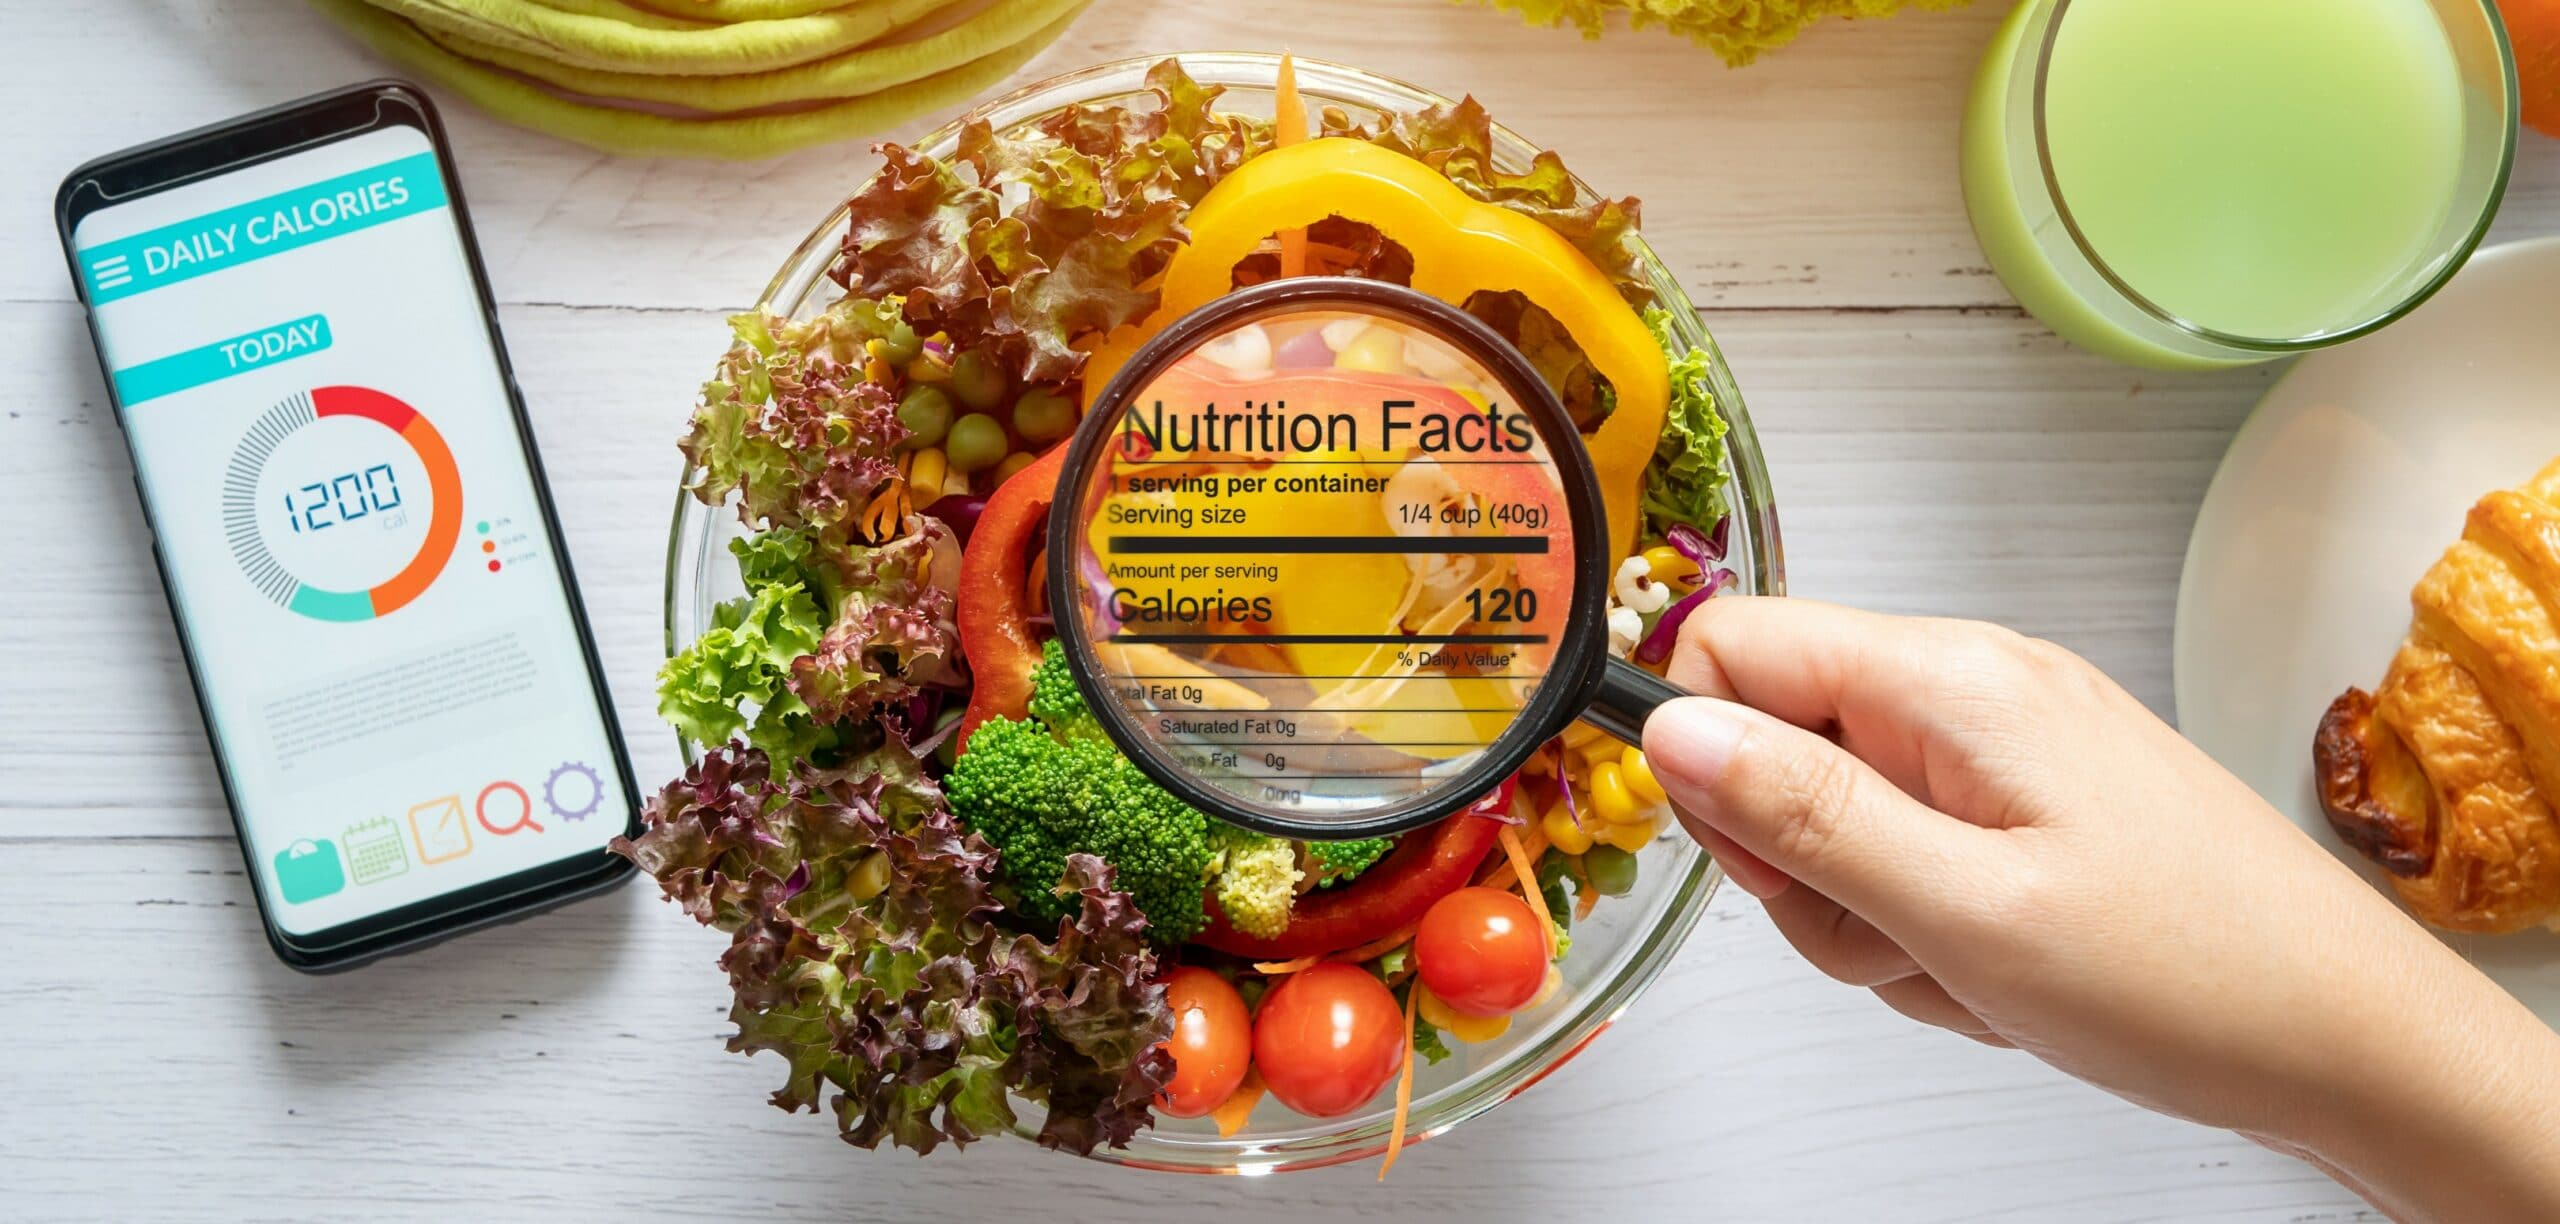 nutrienti cosa sono e quanti al giorno